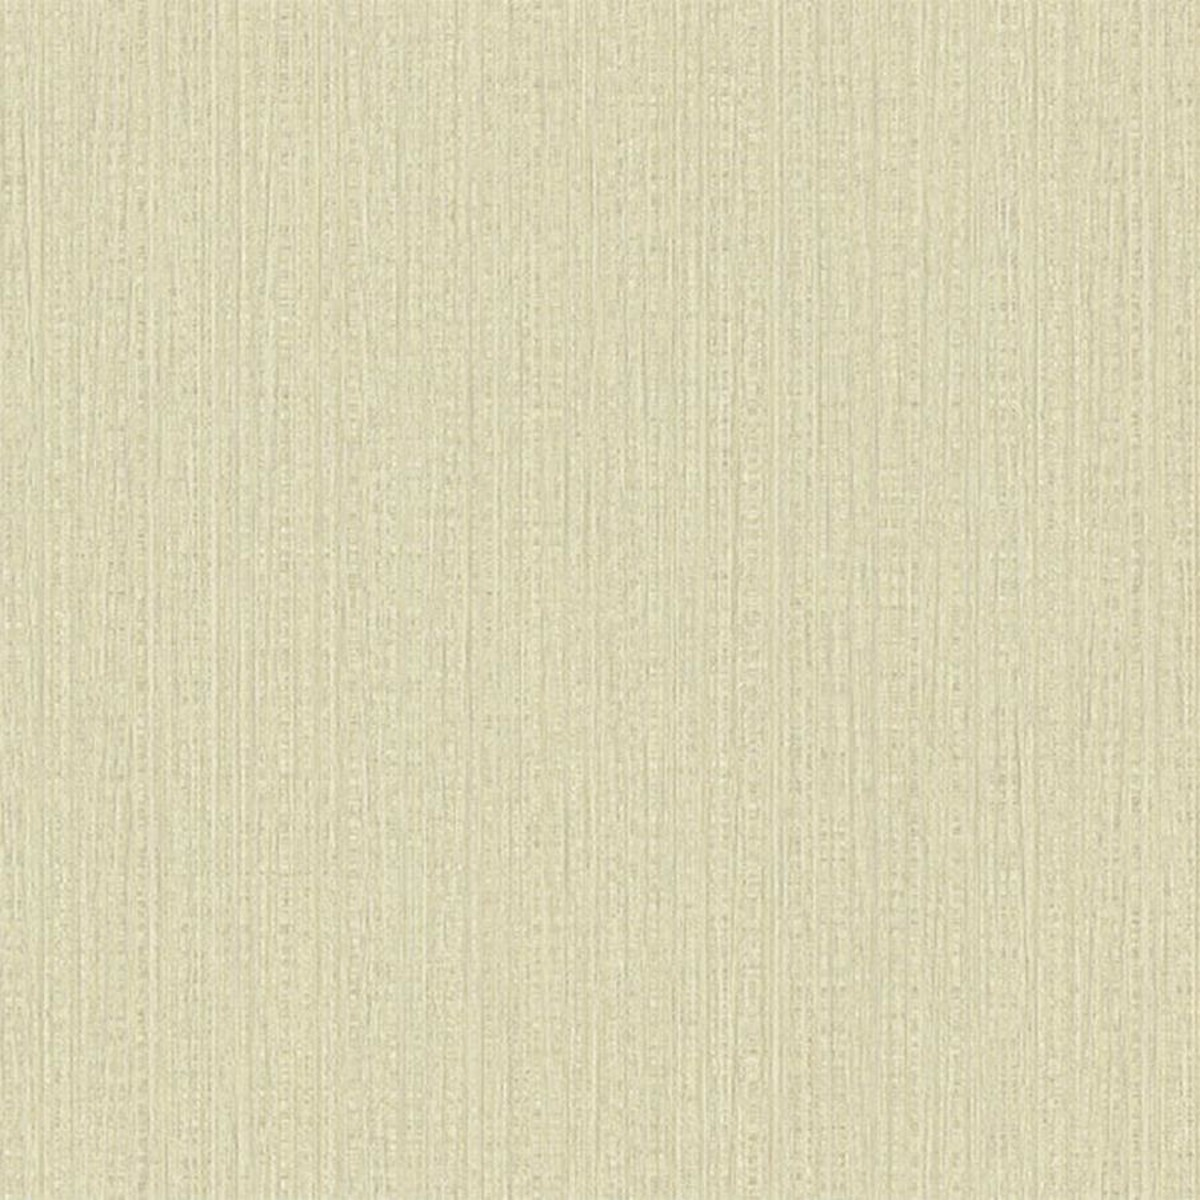 Обои флизелиновые Rasch Maximum XIV коричневые 1.06 м 949421